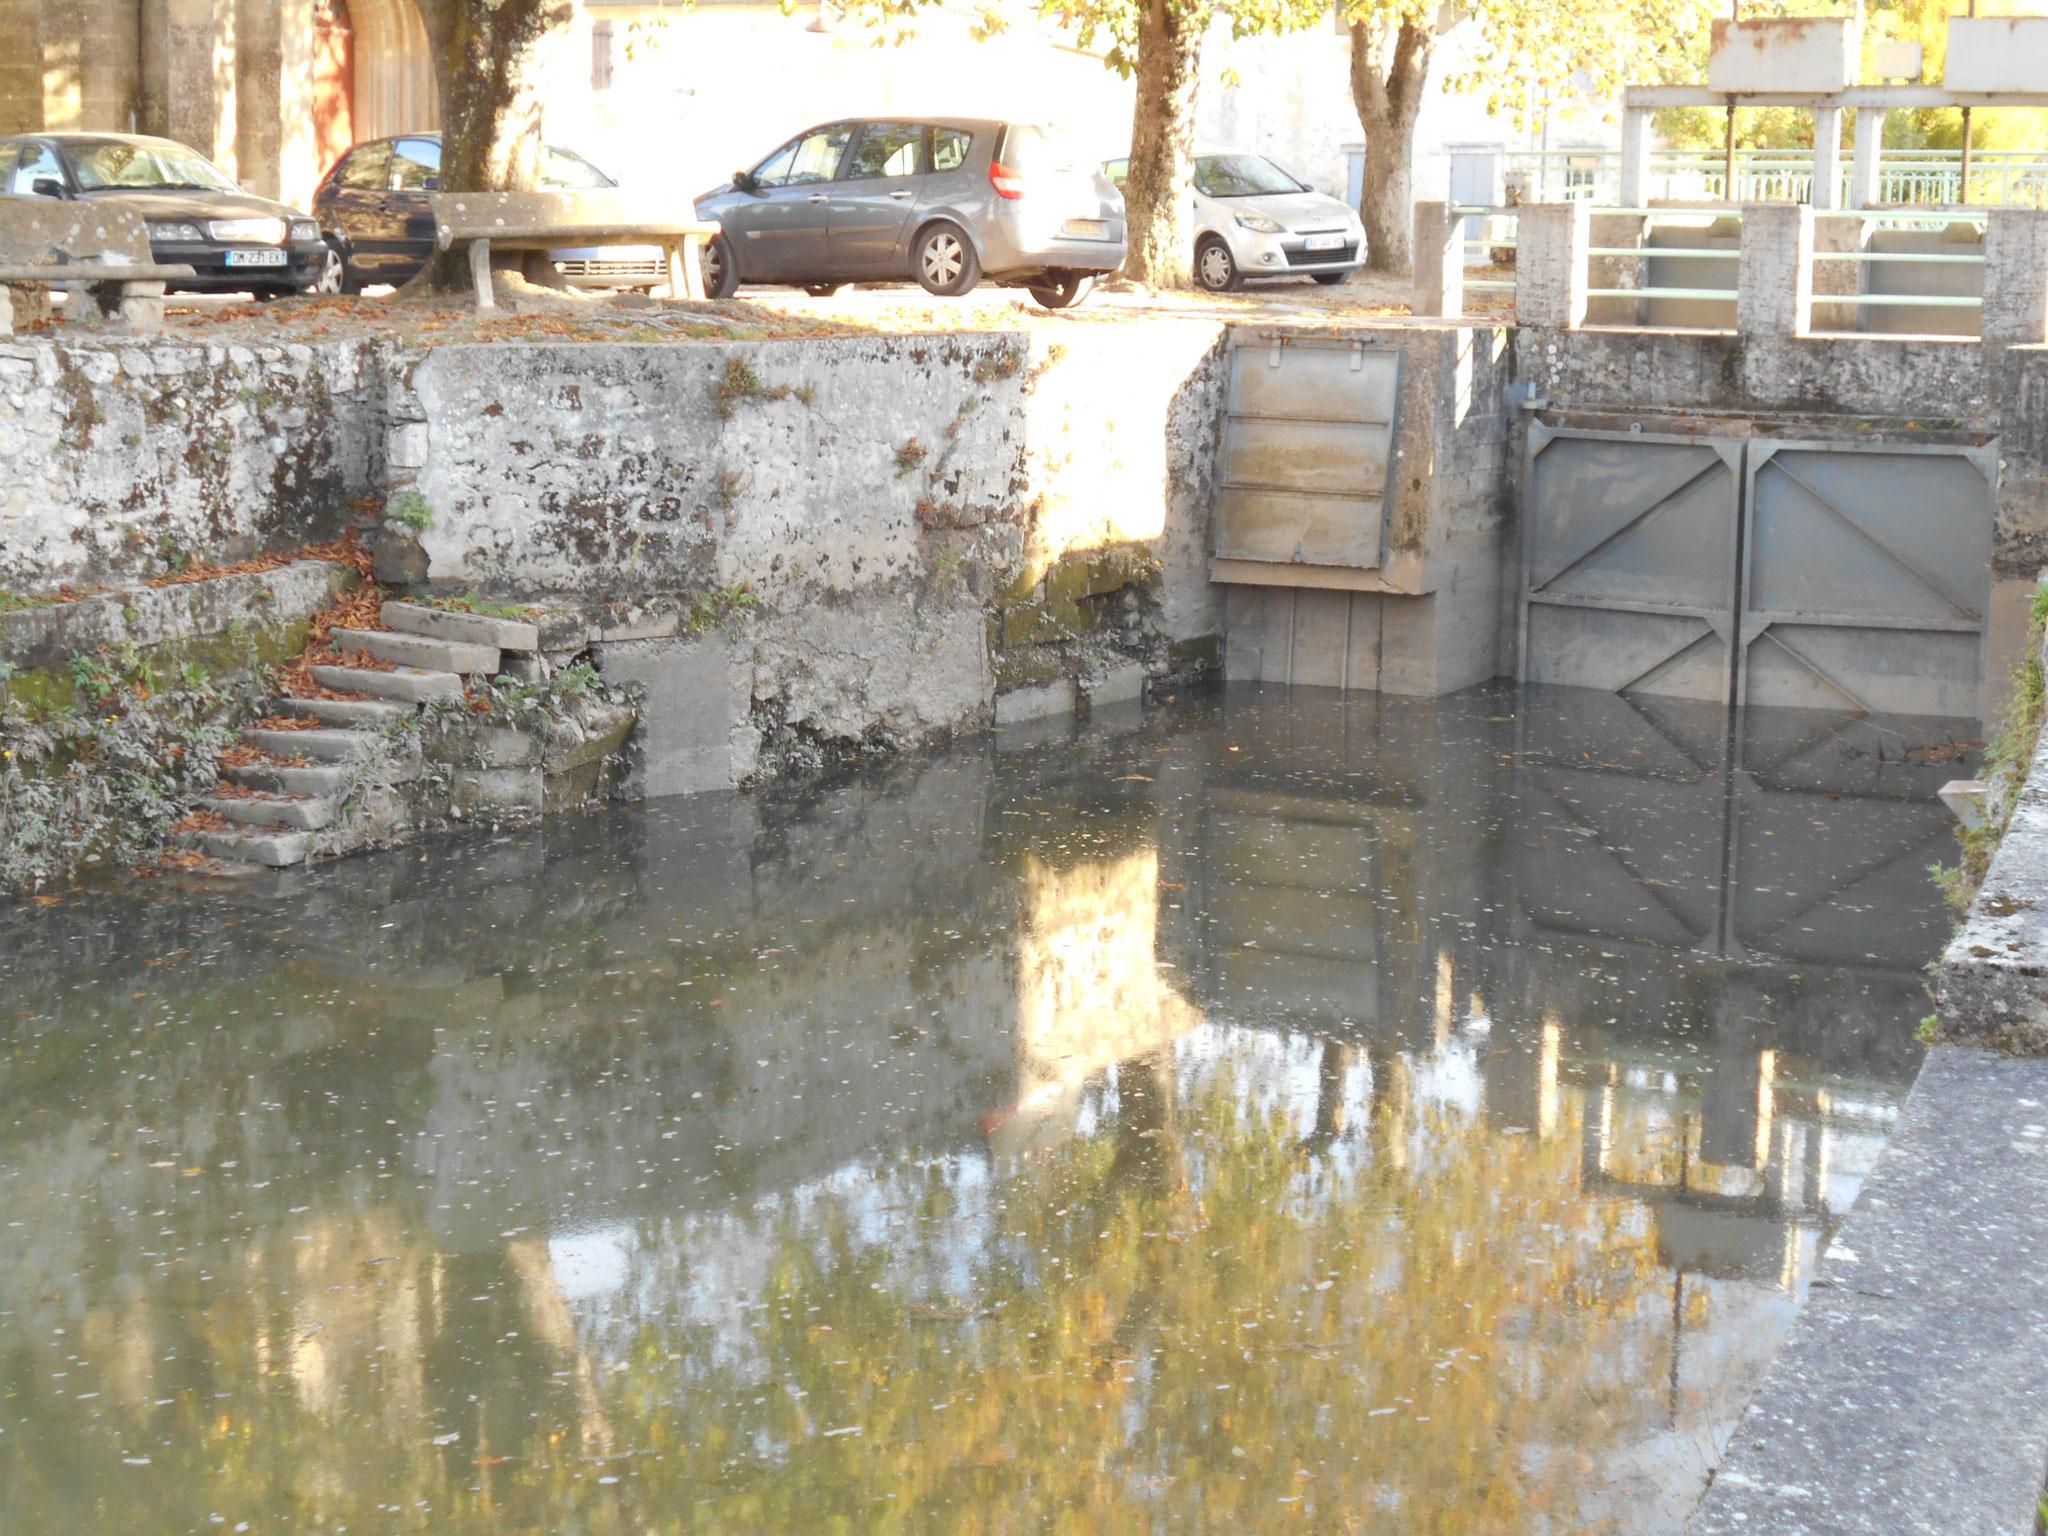 Portes à flot et emplacement de l'ancien moulin : comment les poissons peuvent-ils passer ces obstacles ?